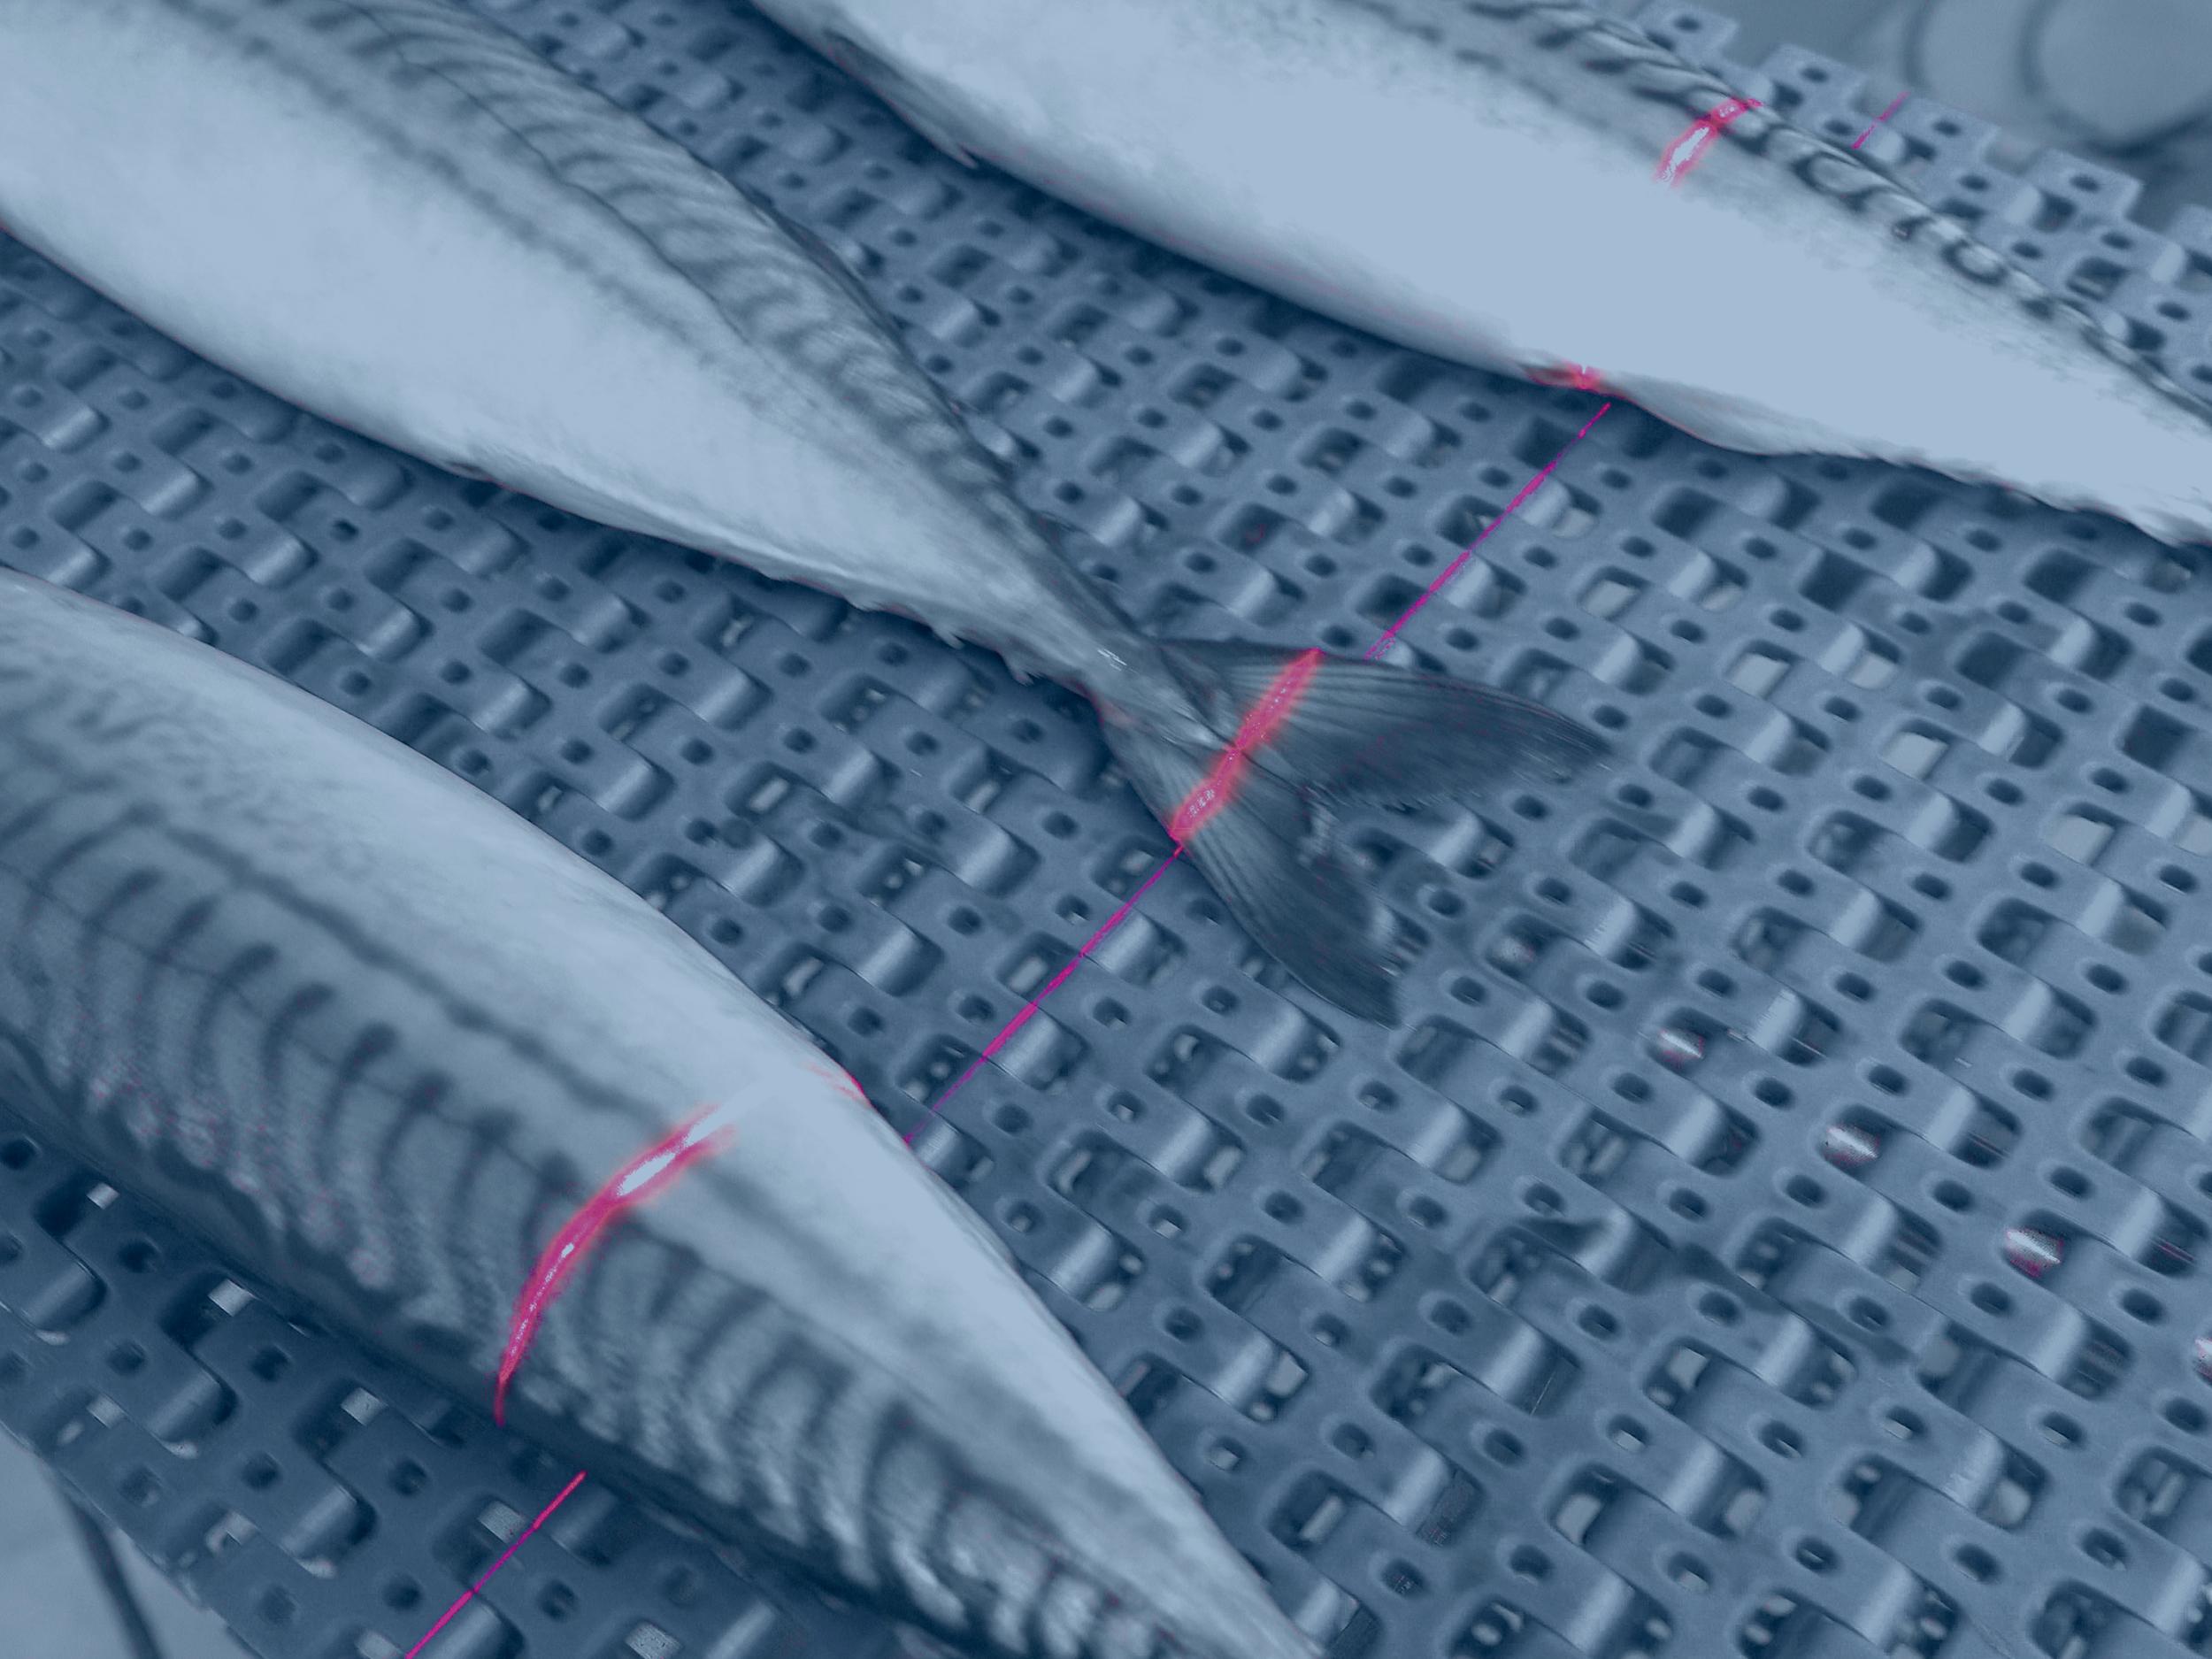 Visión-artificial-peces-laser